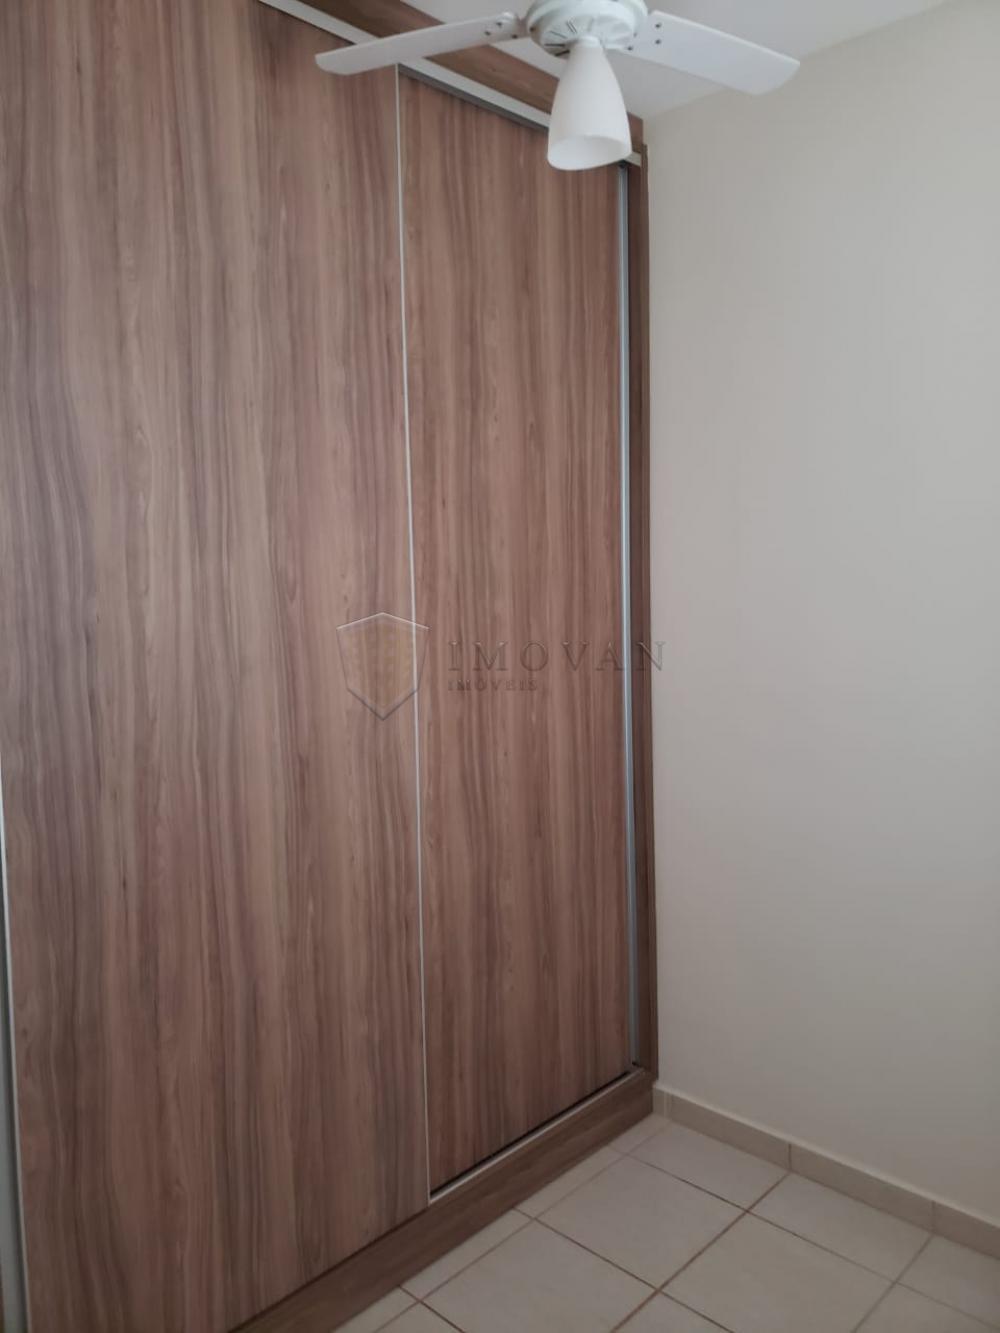 Alugar Apartamento / Padrão em Ribeirão Preto apenas R$ 1.600,00 - Foto 6